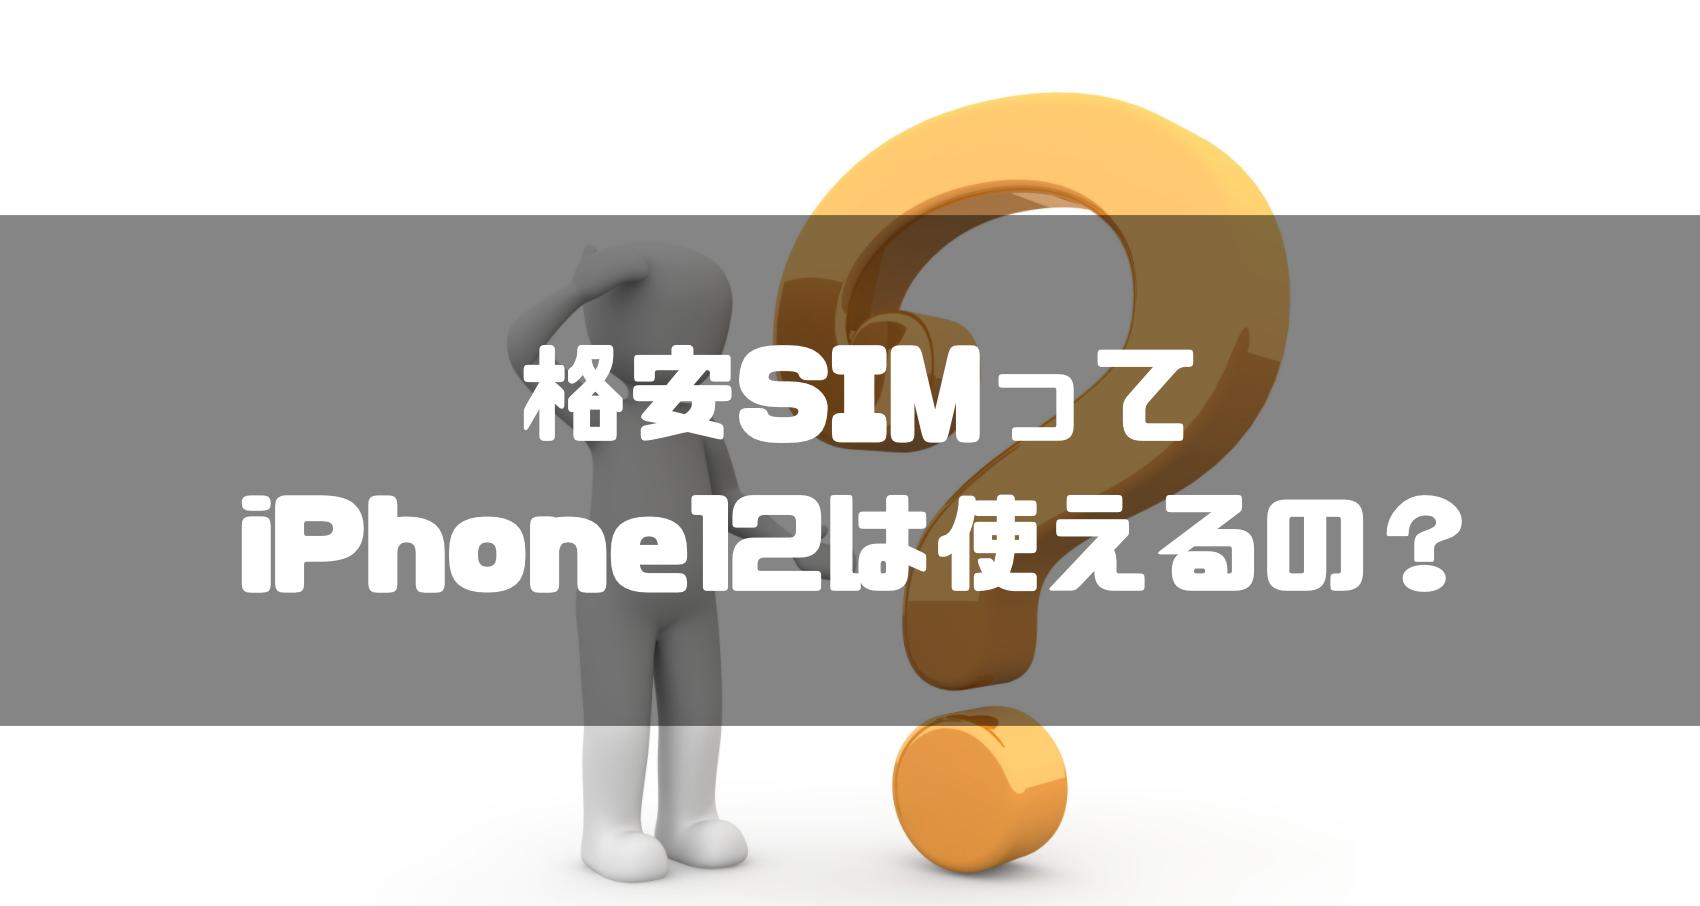 格安SIM_iphone12_iPhone12_おすすめ_格安SIM_iPhone12